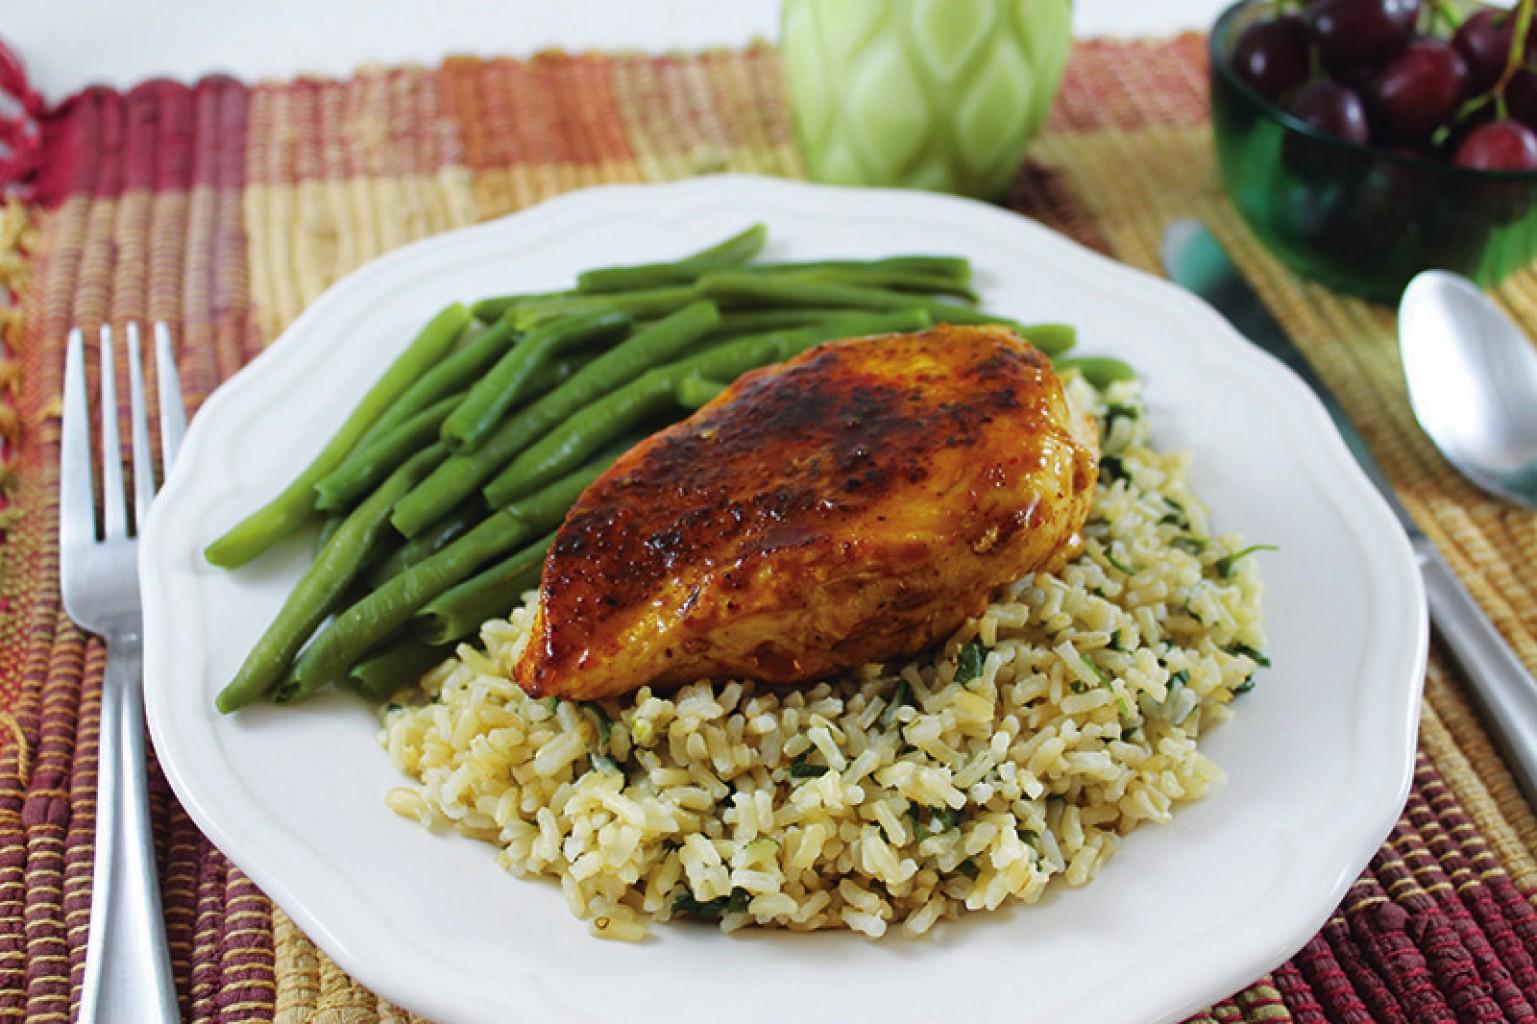 Pollo en salsa de chipotle  con arroz